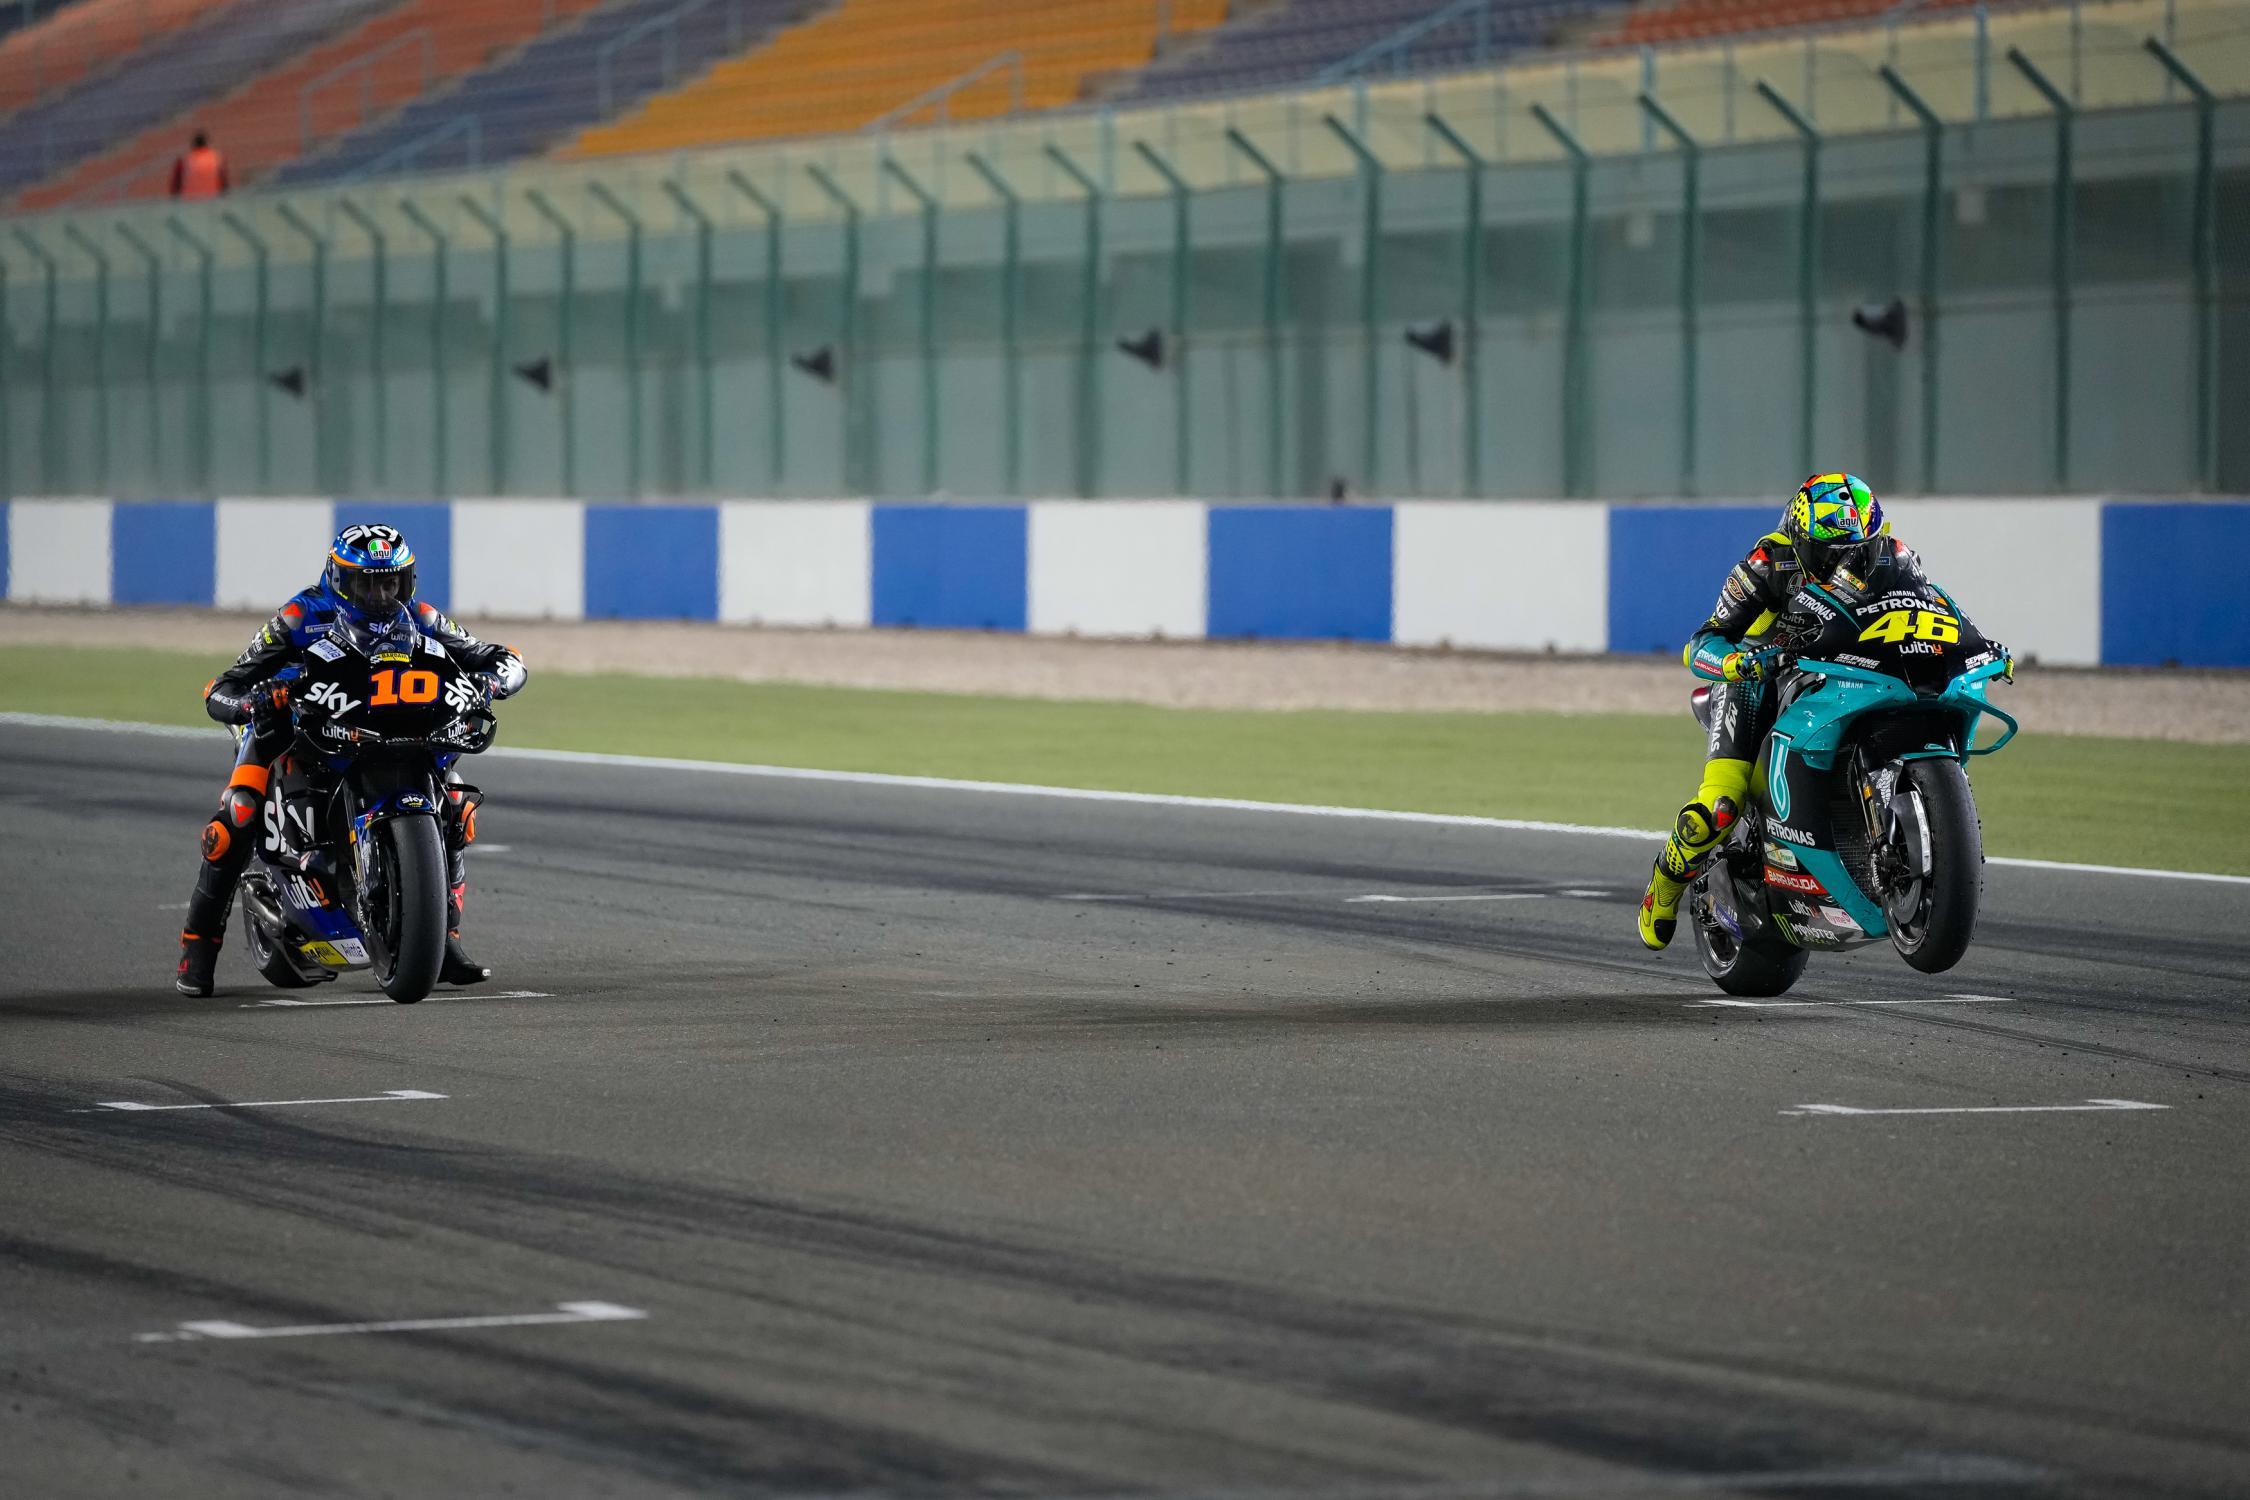 Horario MotoGP Gran Premio de Qatar 2021 para Latinoamérica.